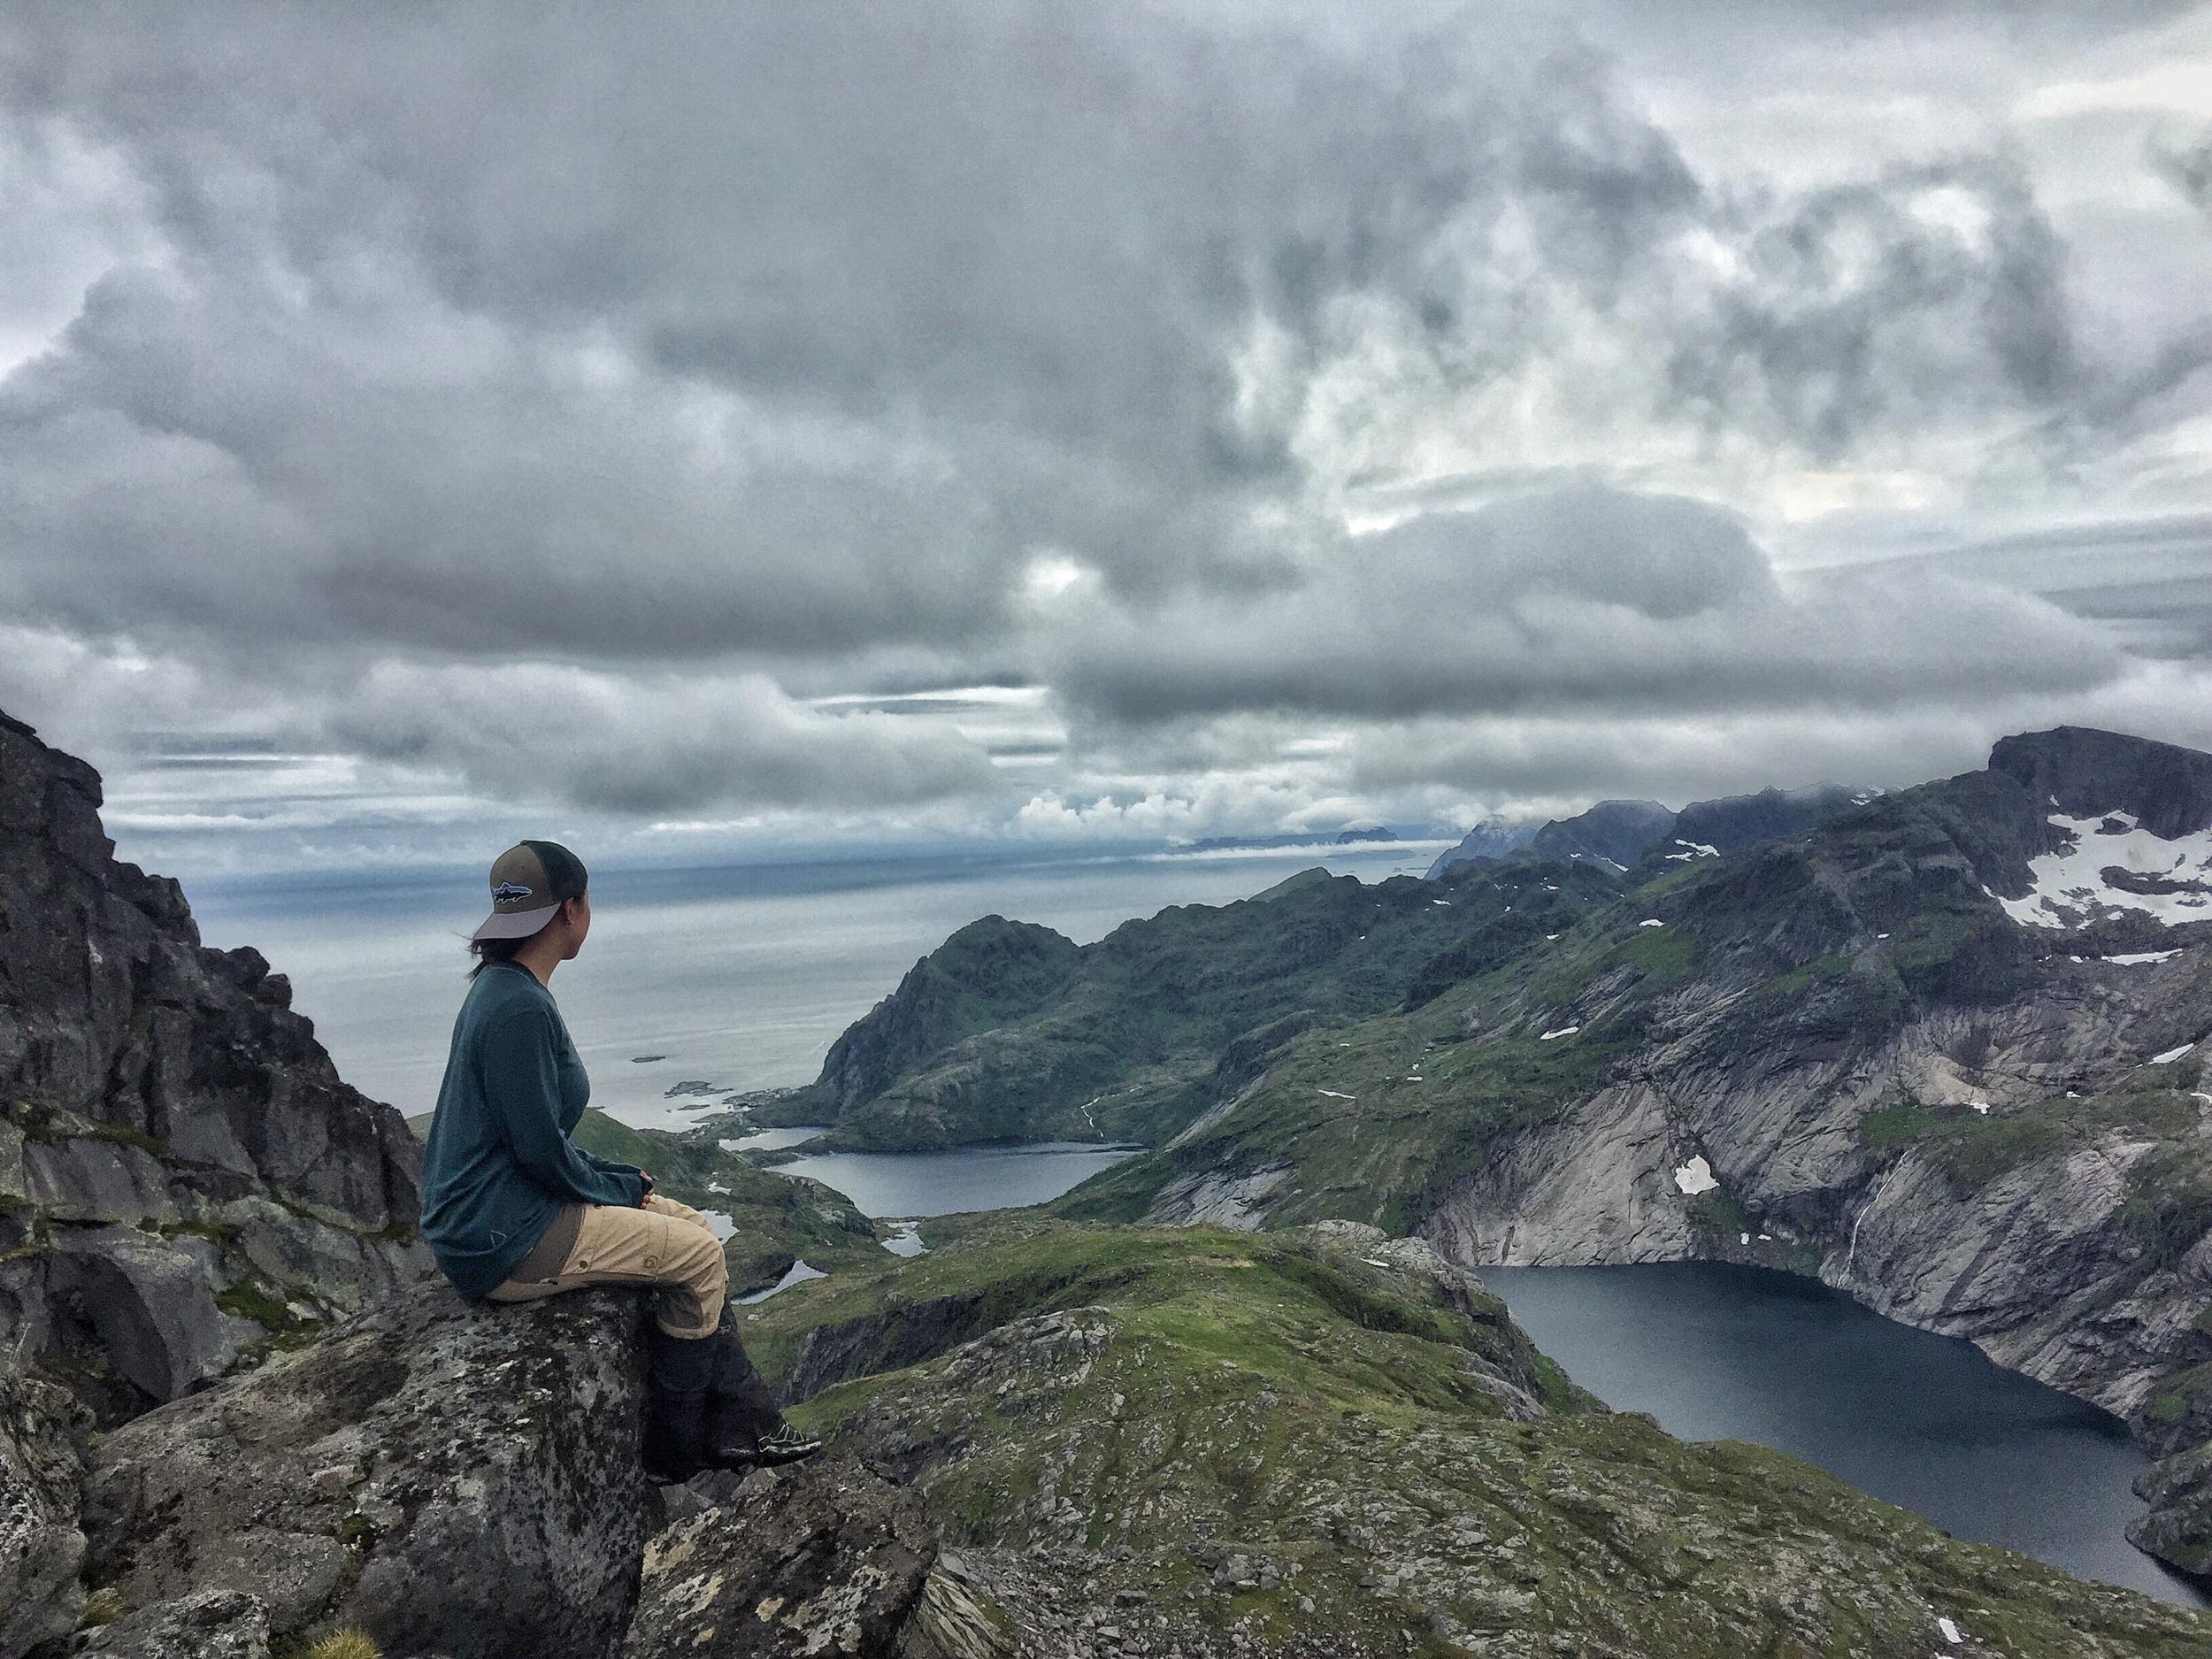 On top of Munken in the Lofoten Islands